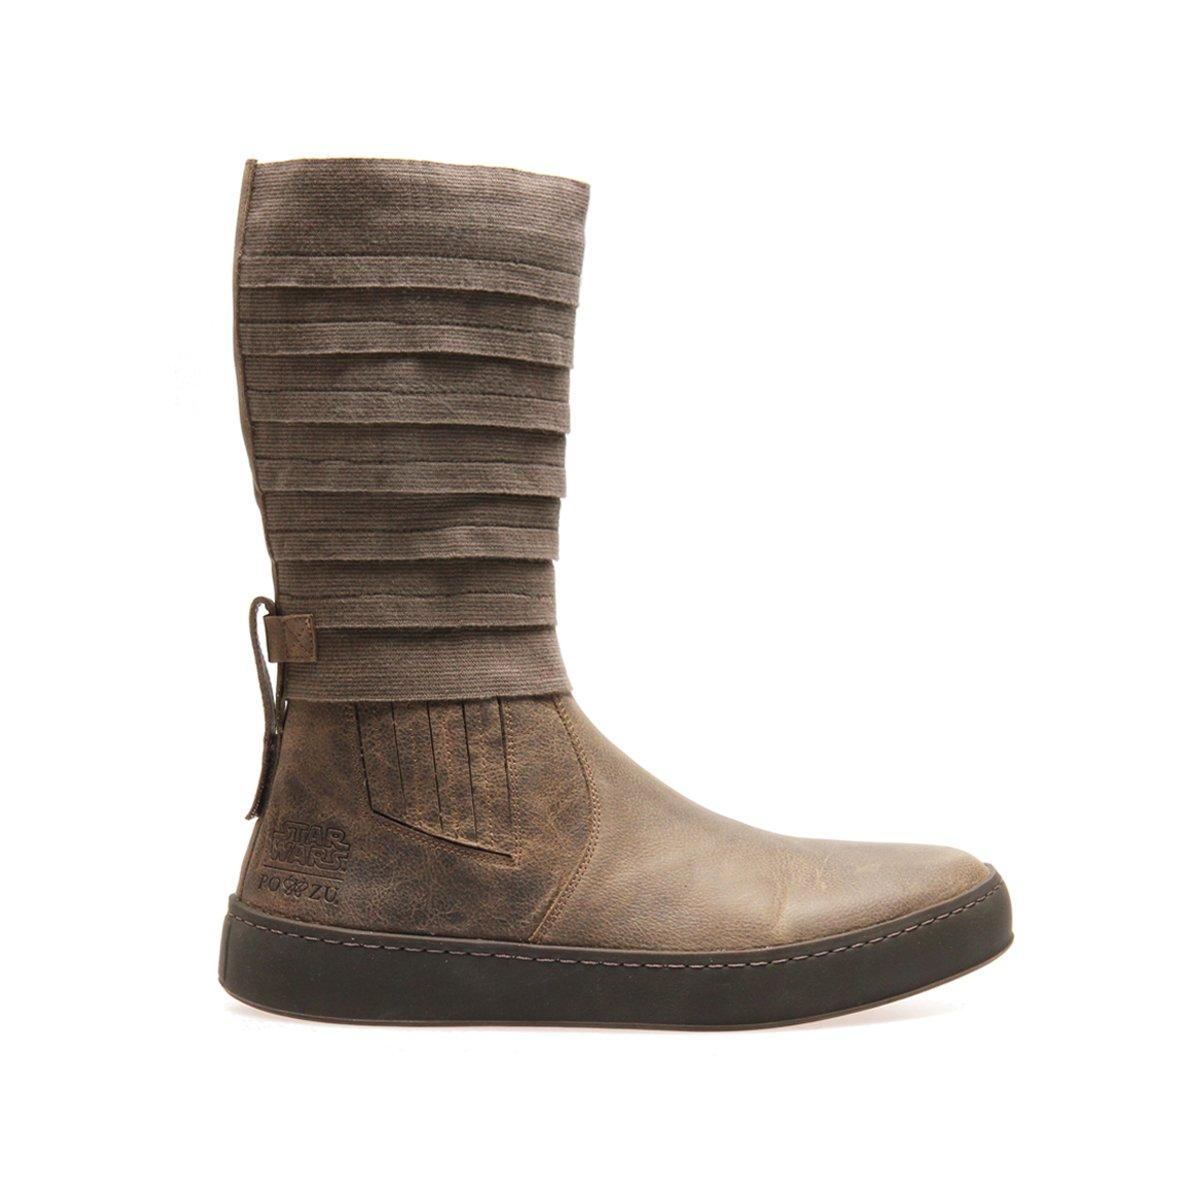 SKYWALKER Boots - Men's from Po-Zu